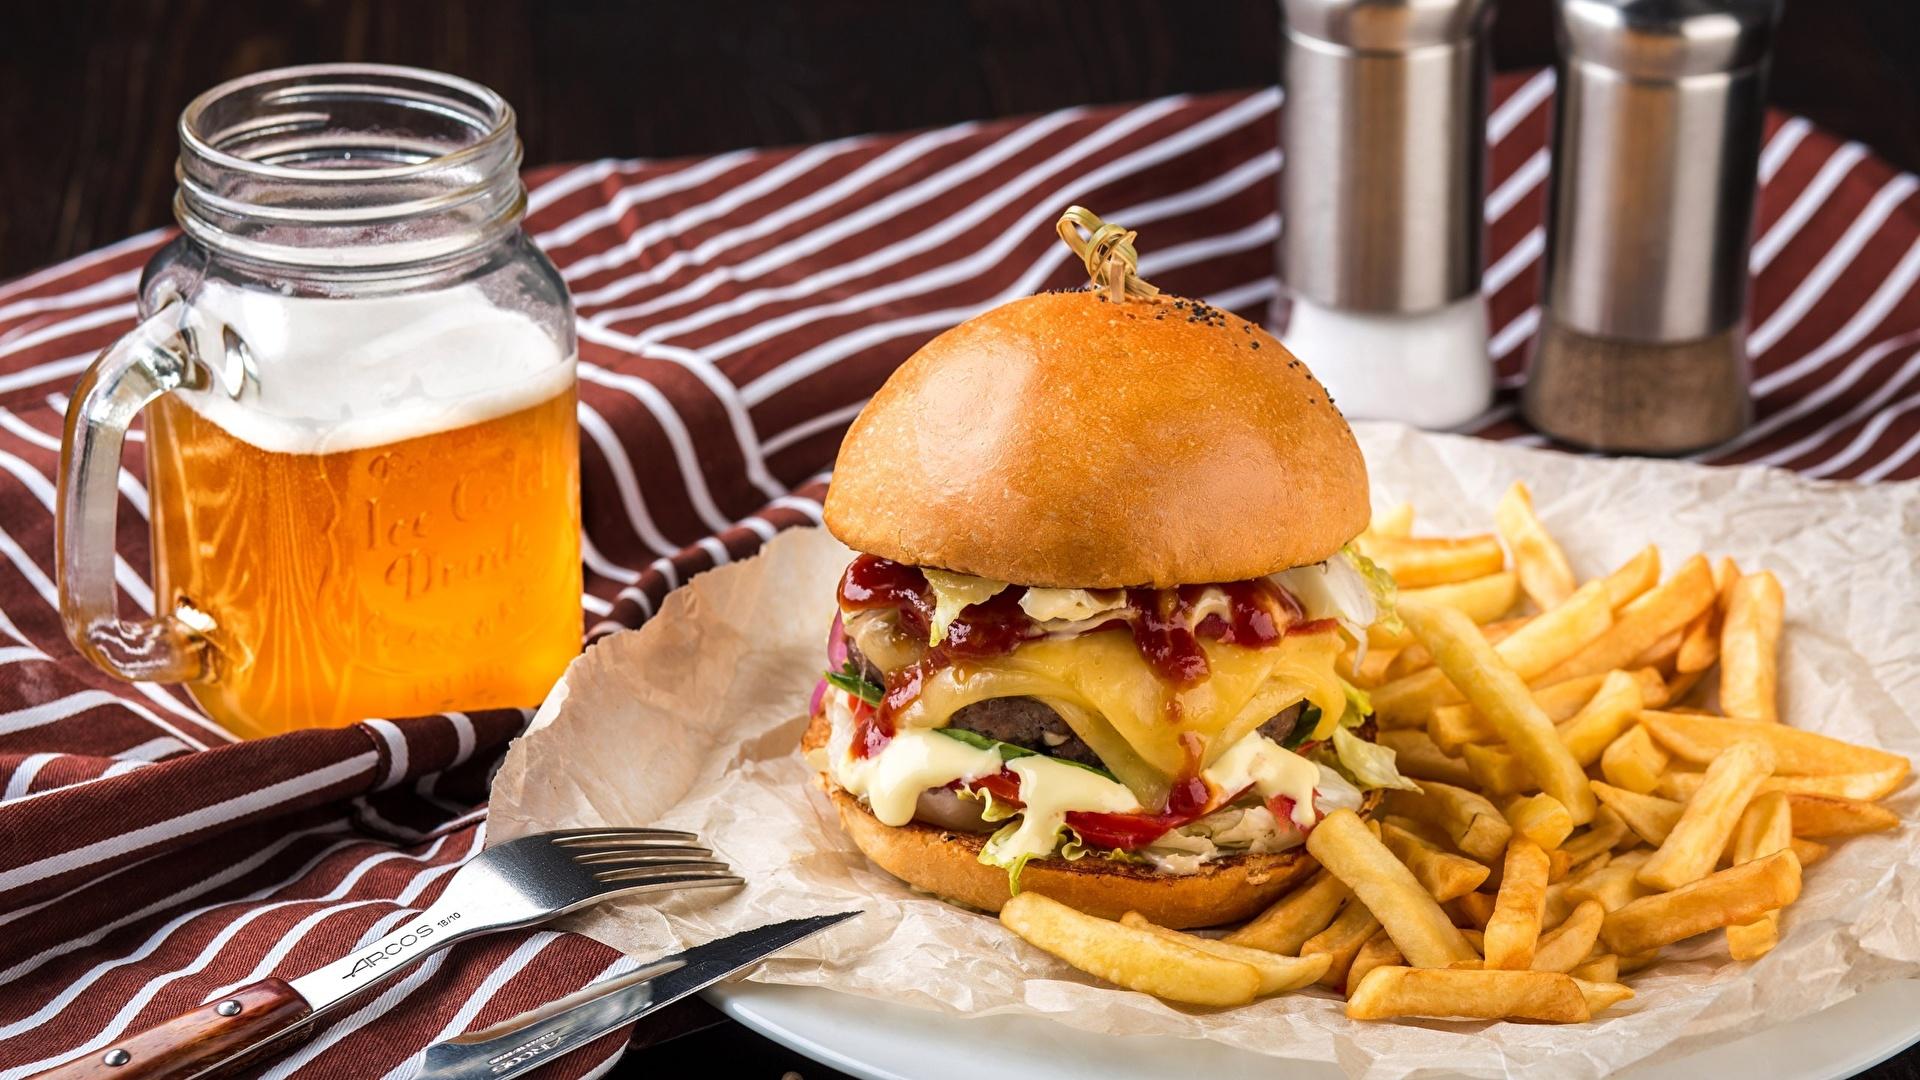 Фотографии Пиво Гамбургер Картофель фри Быстрое питание Пища 1920x1080 Фастфуд Еда Продукты питания